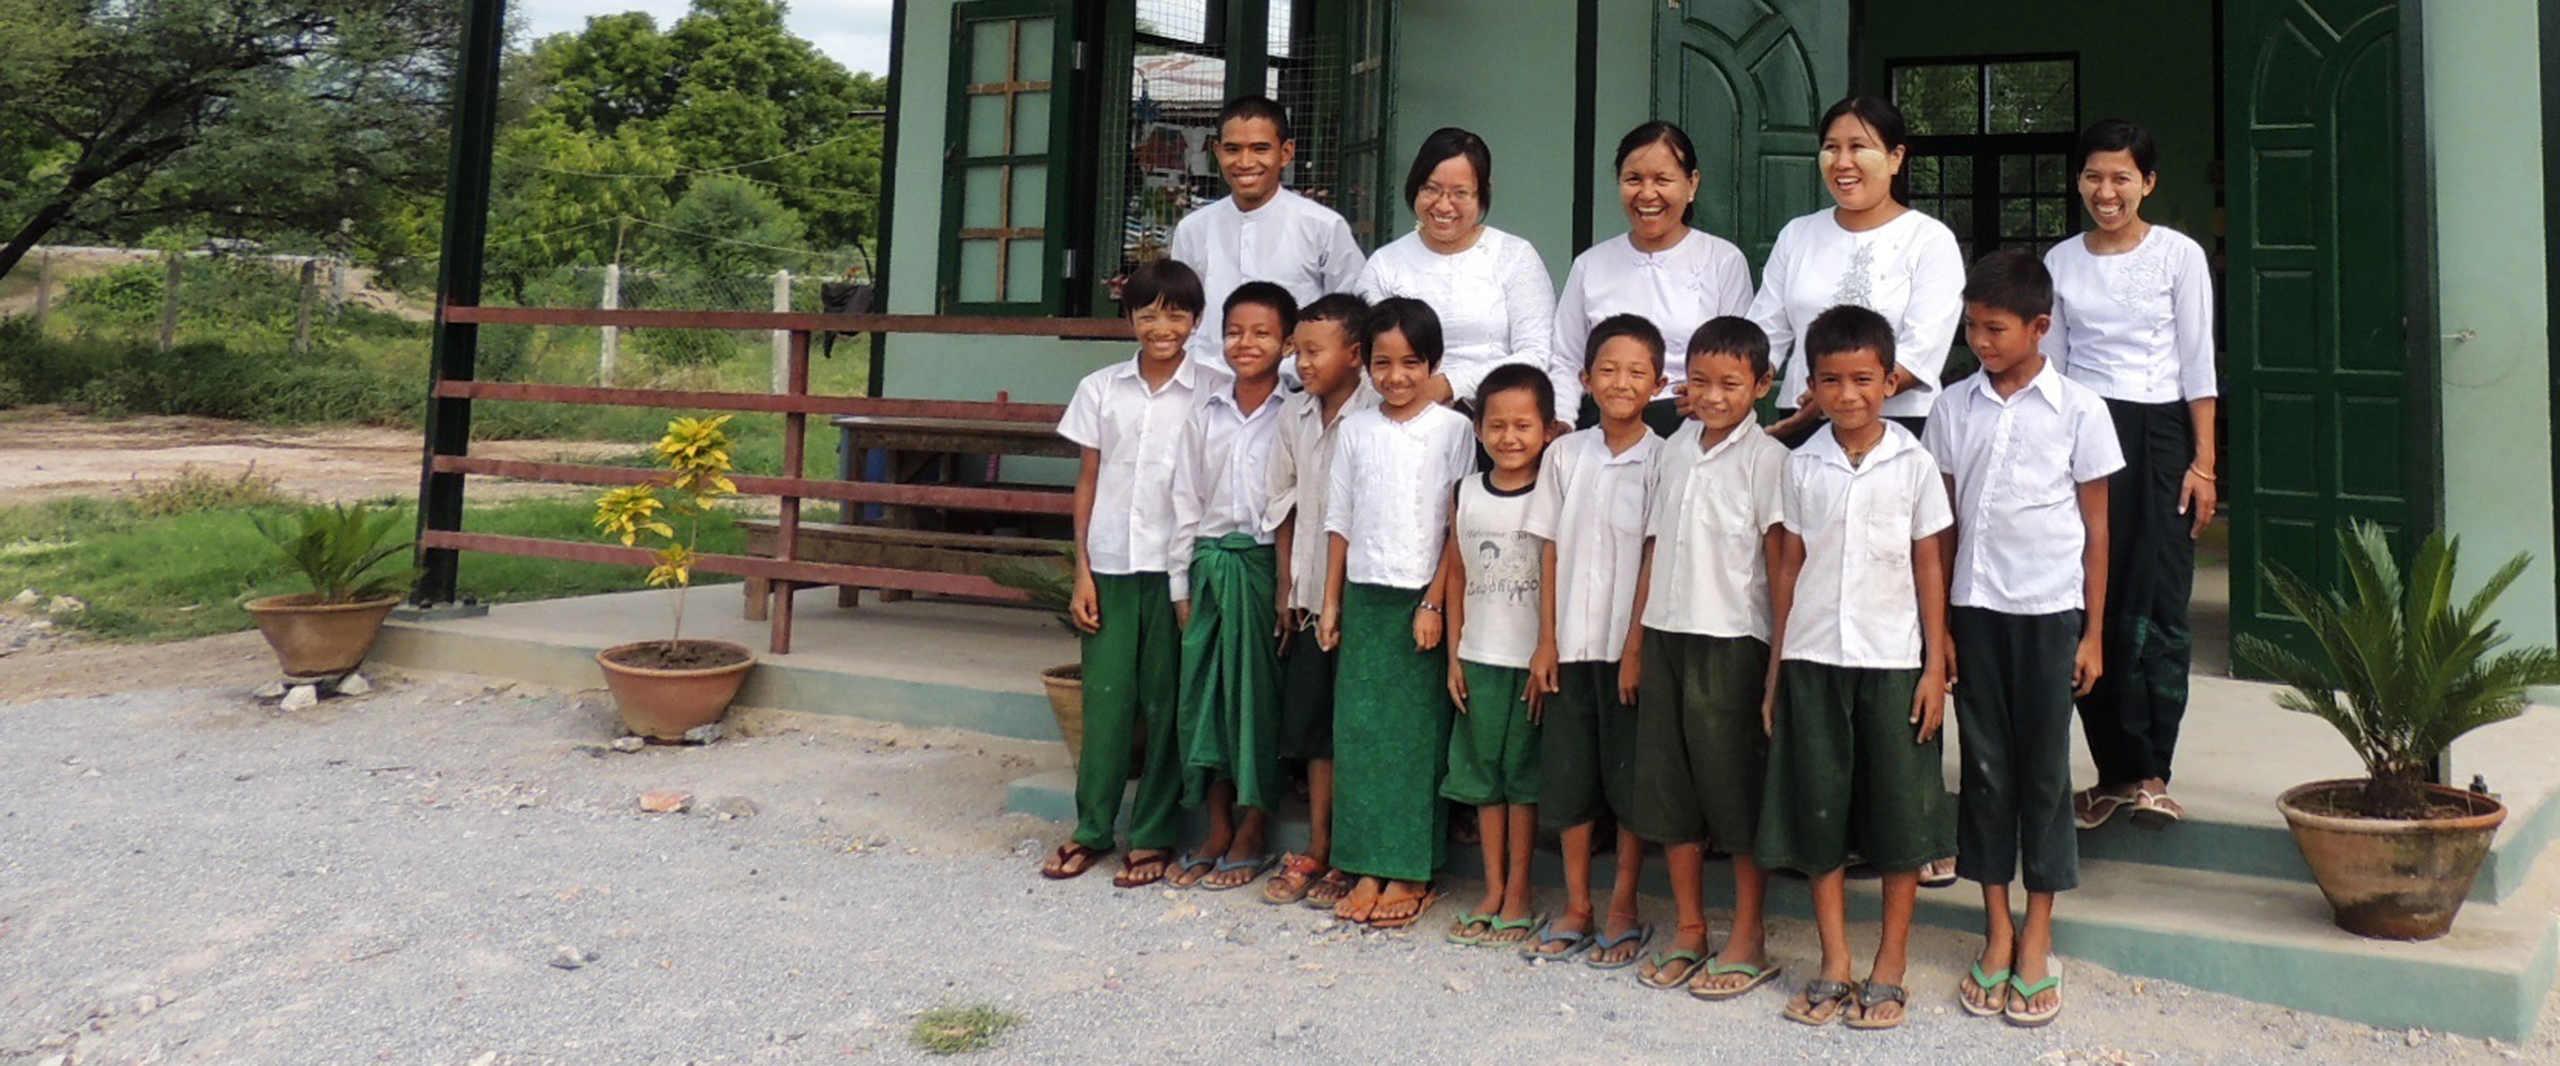 Schueler und Lehrer vor der Taung Ba Schule in Myanmar